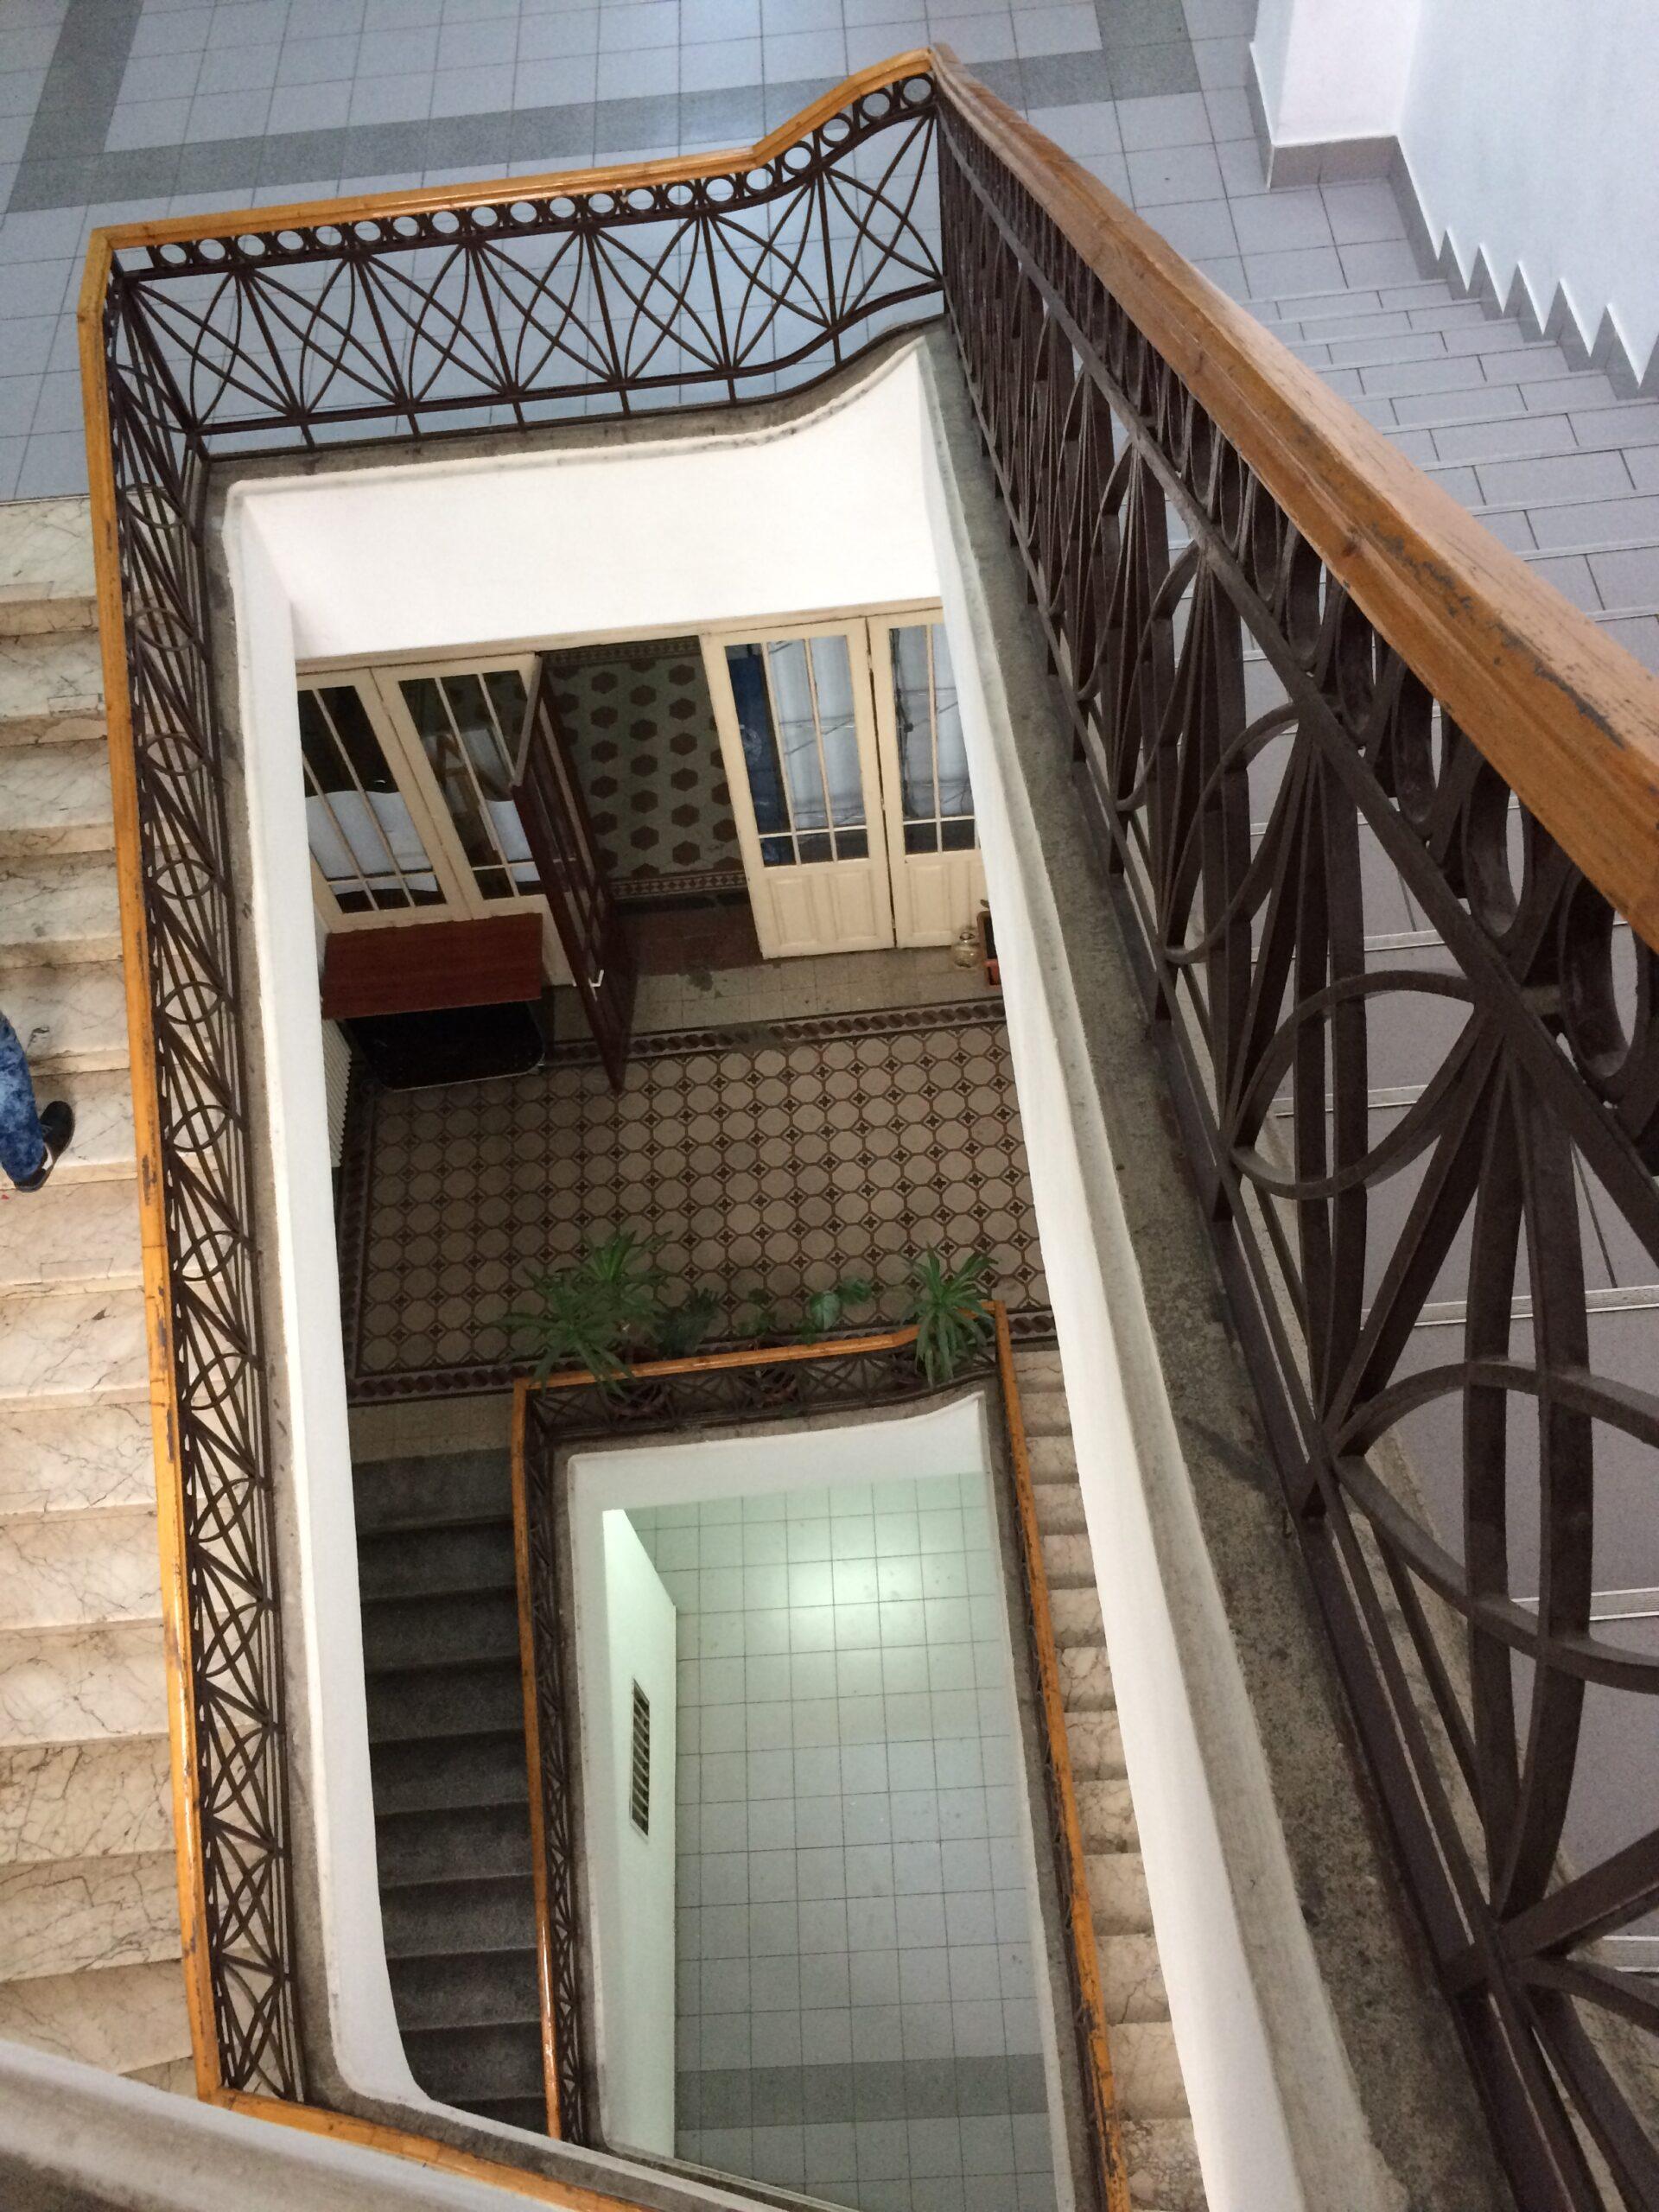 Liceul Mihai Viteazul scările